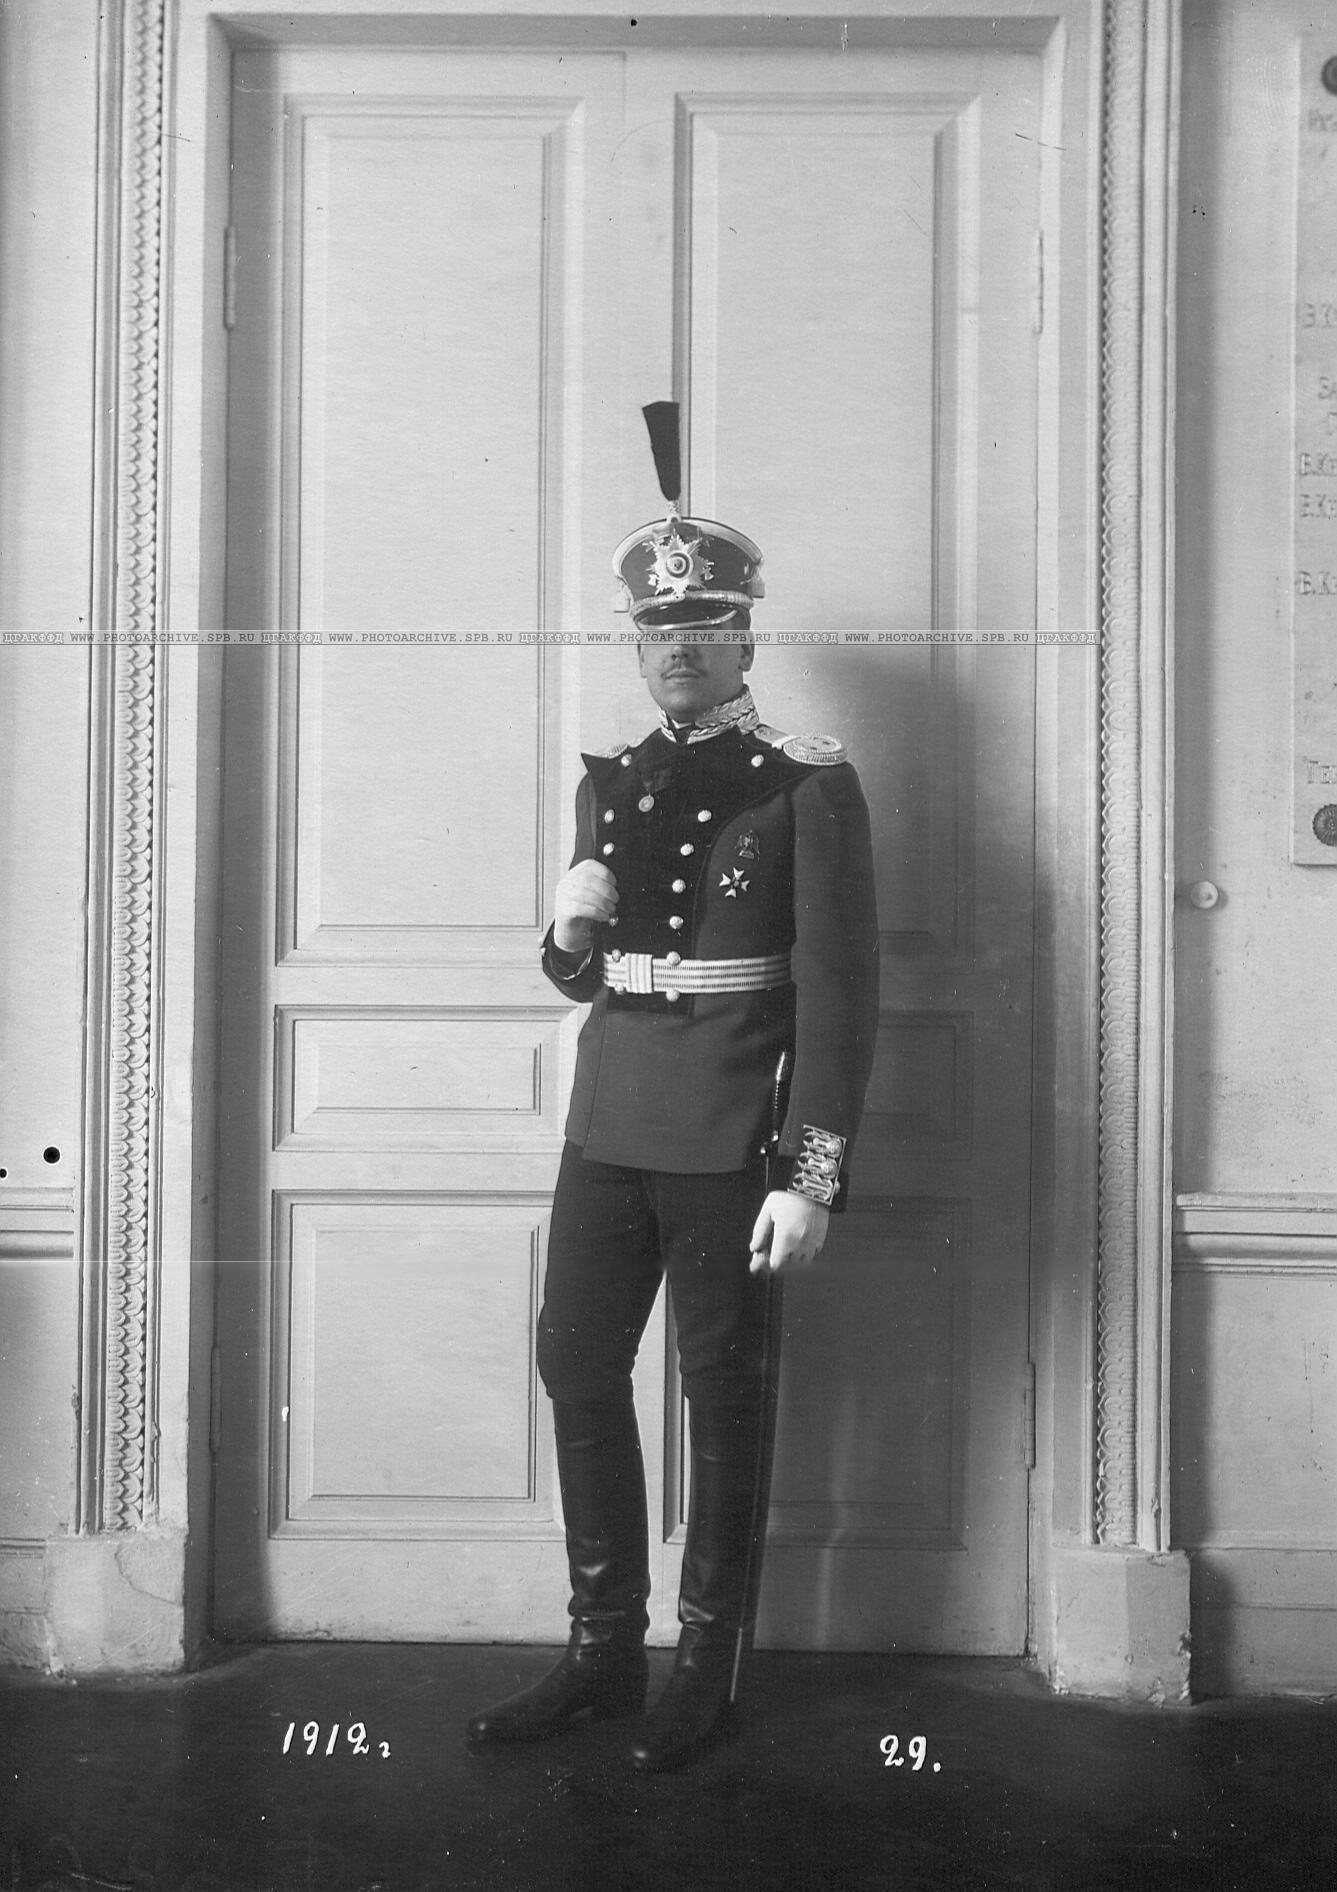 Обер-офицер батальона в форме образца 1912 года.